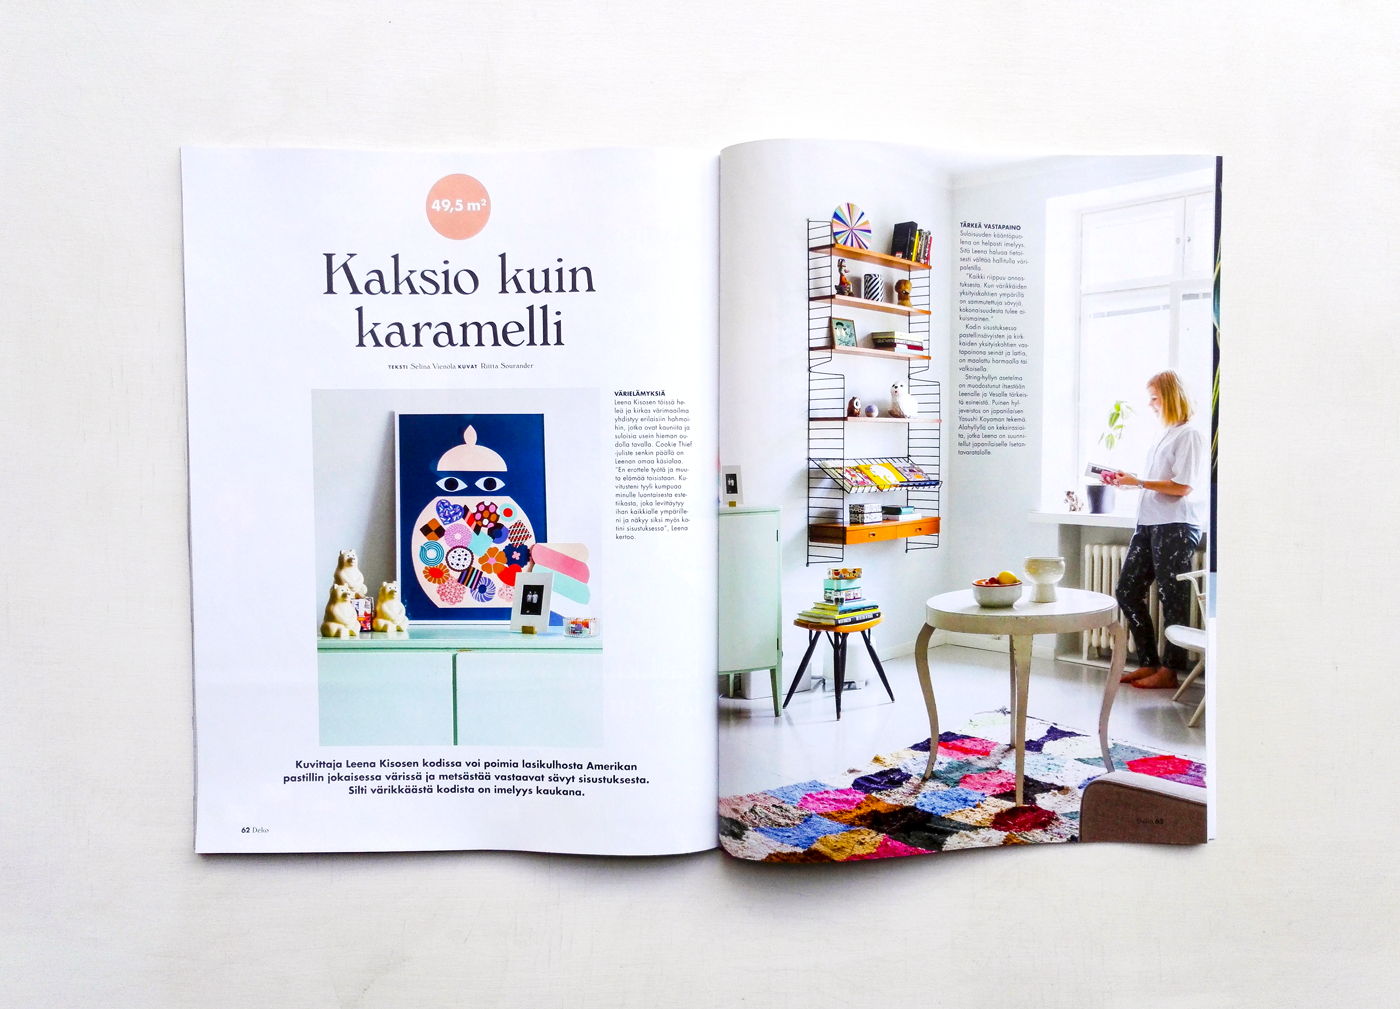 Deko Magazine leena kisonen featured in deko magazine